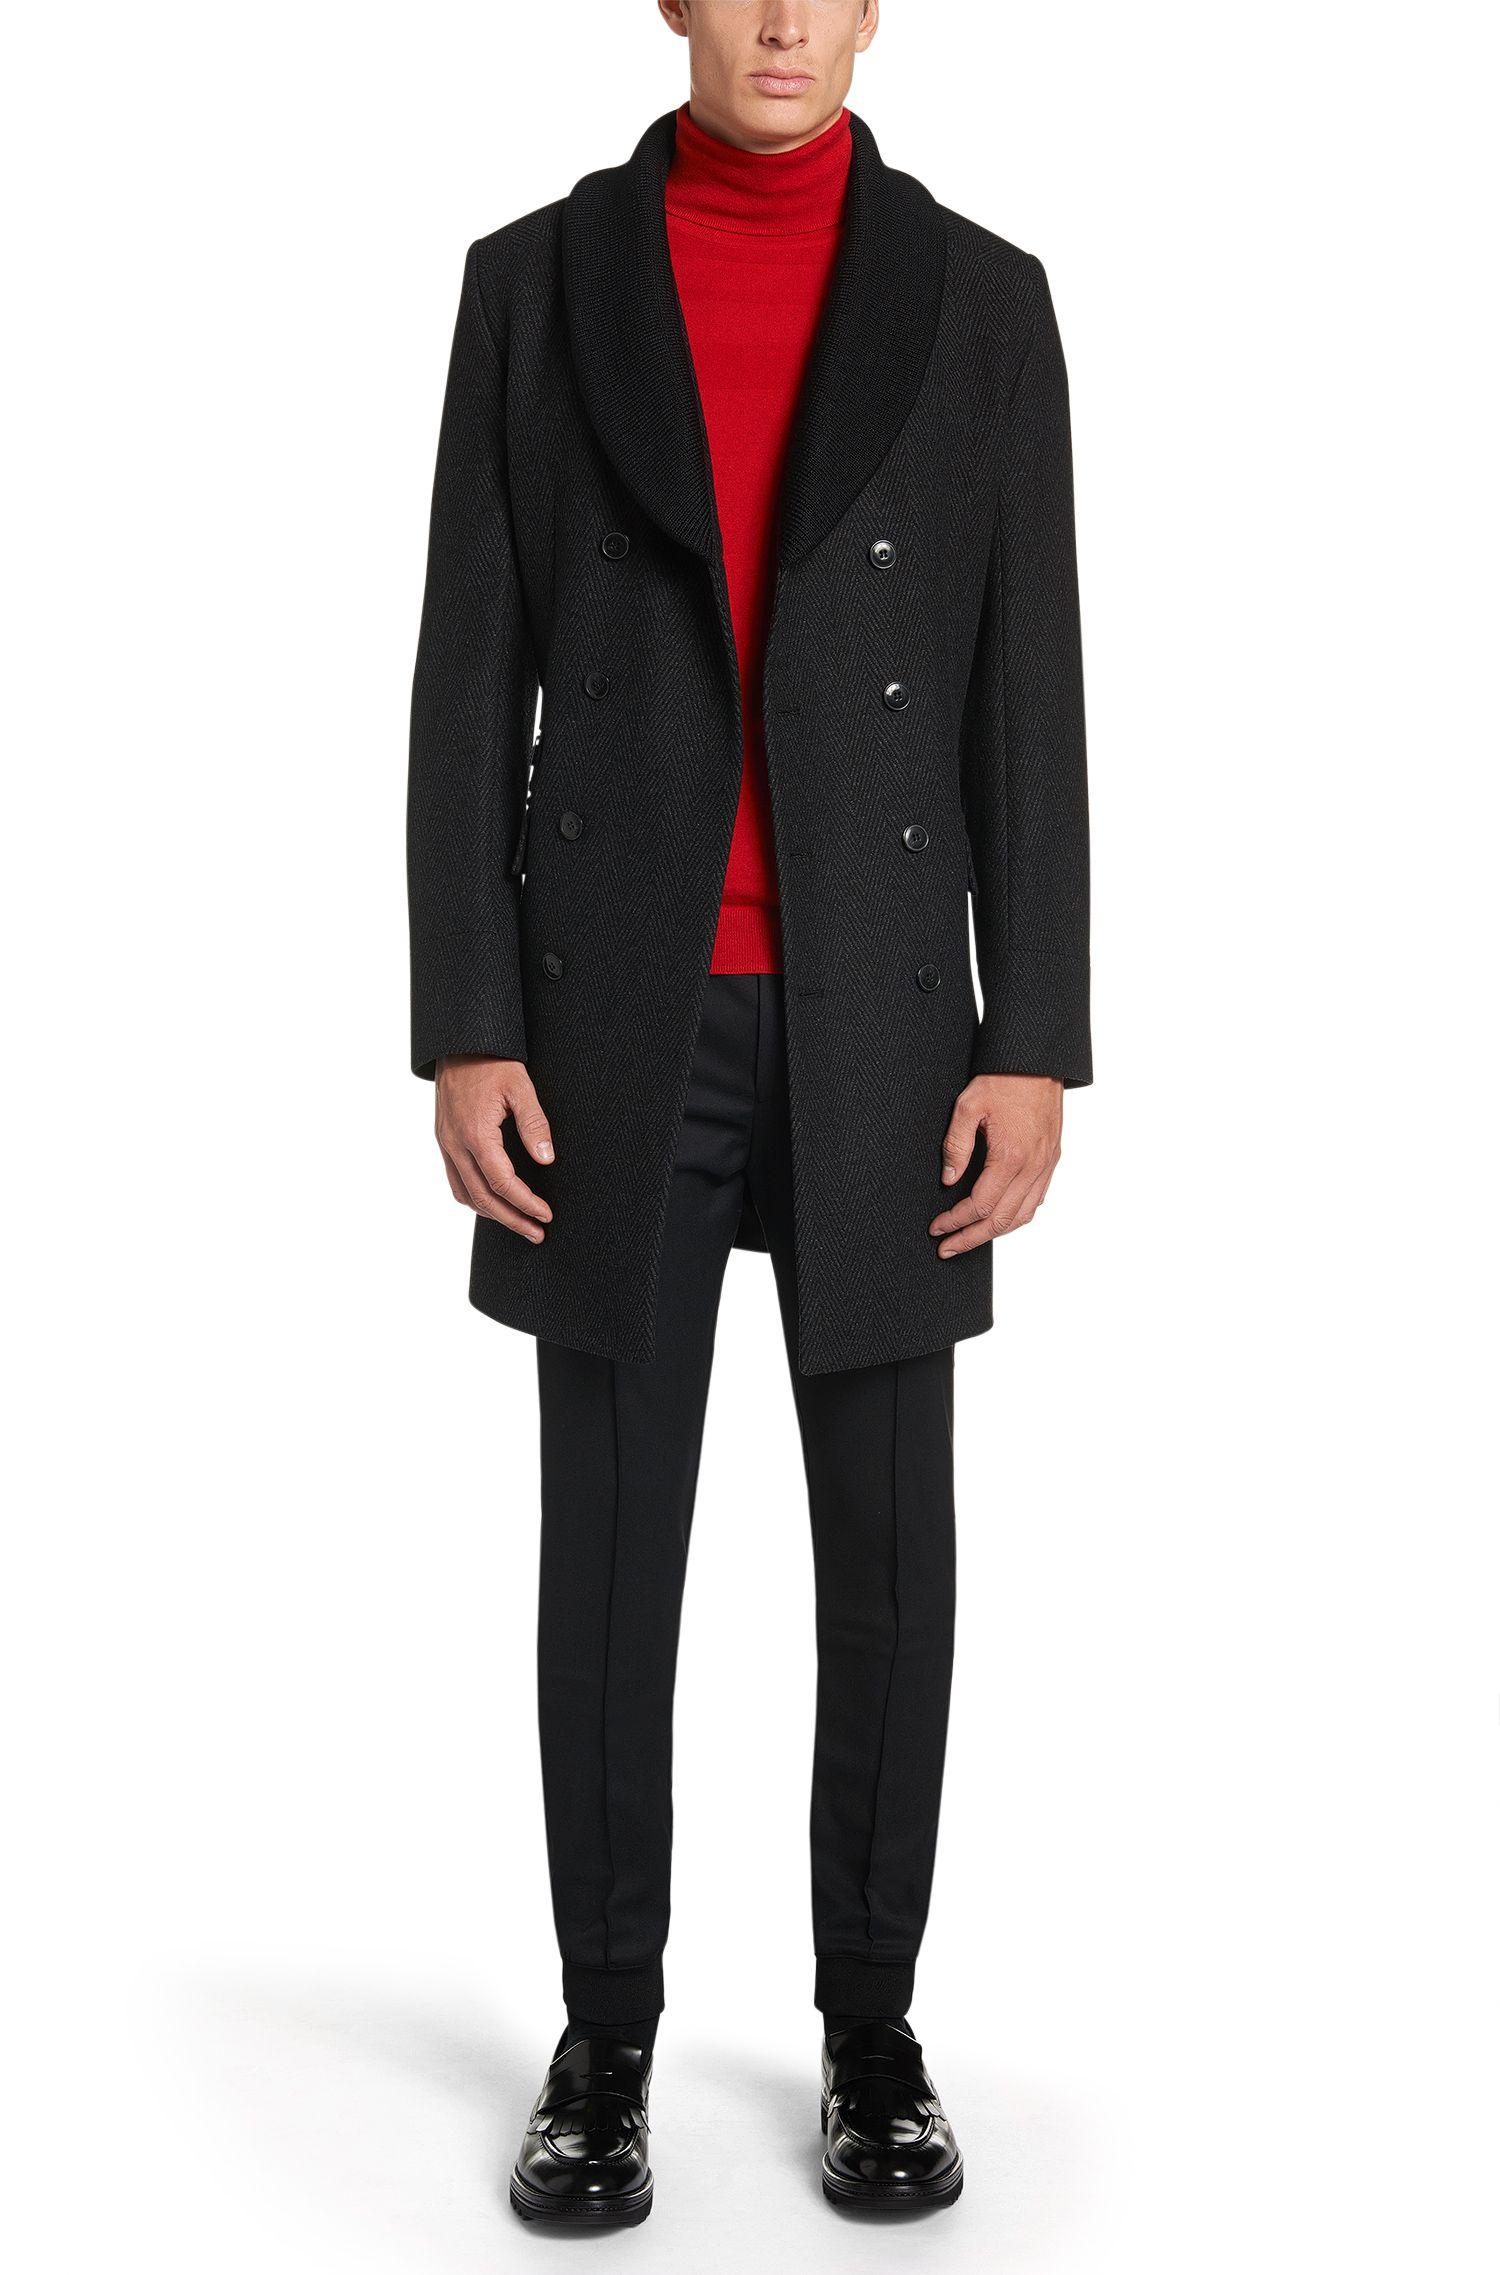 Este modelo de abrigo liso de corte estrecho tiene cierres de manga abotonables. Un abrigo con forro que combina especialmente bien con trajes.